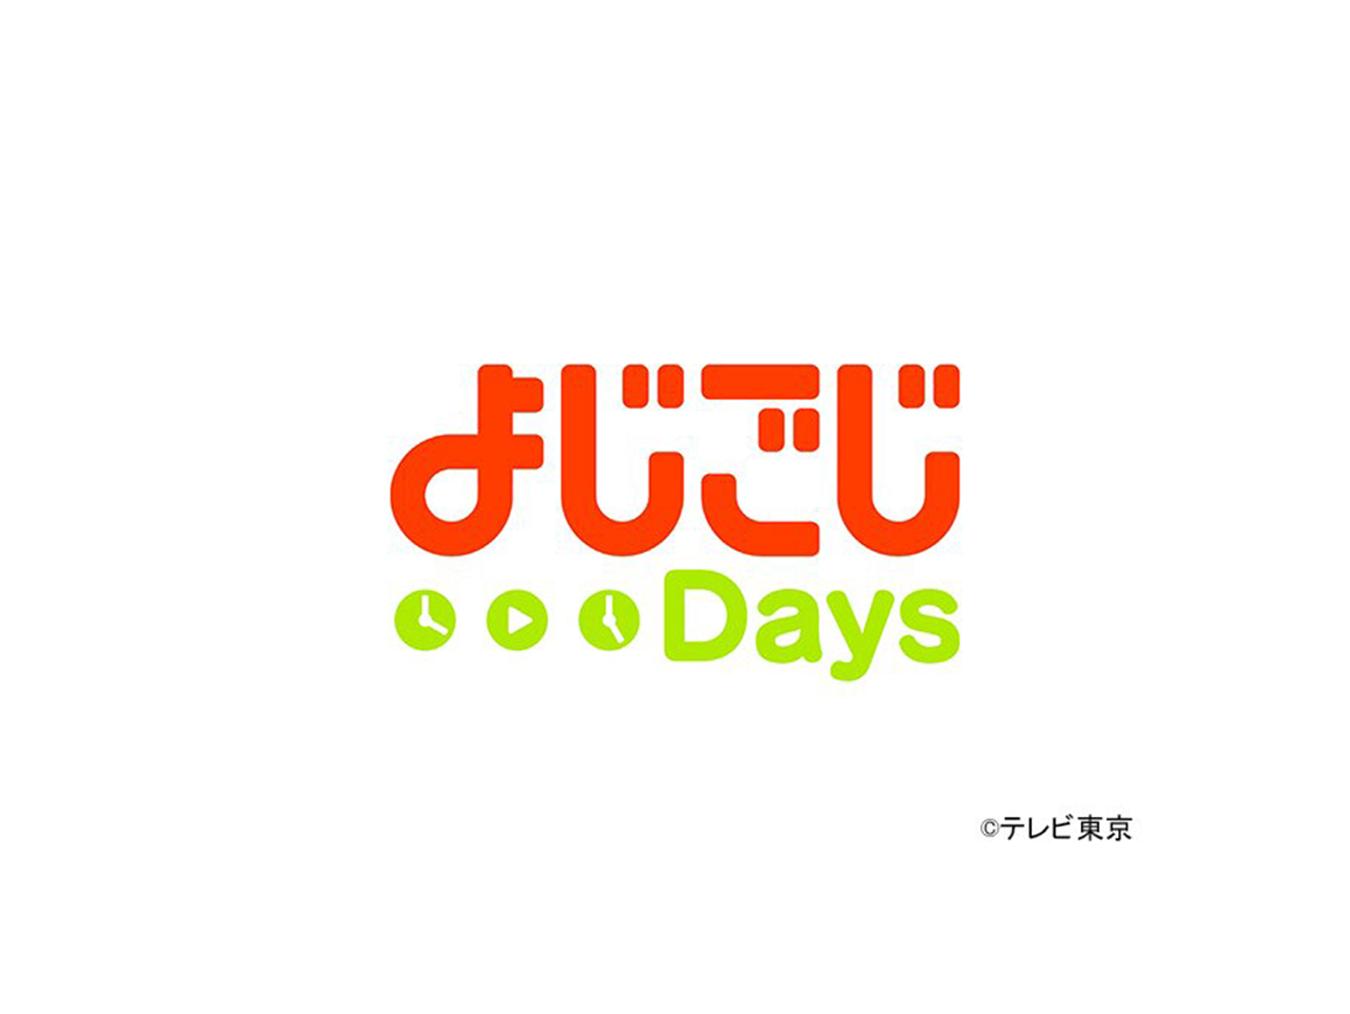 テレビ東京:よじごじDays 12/25